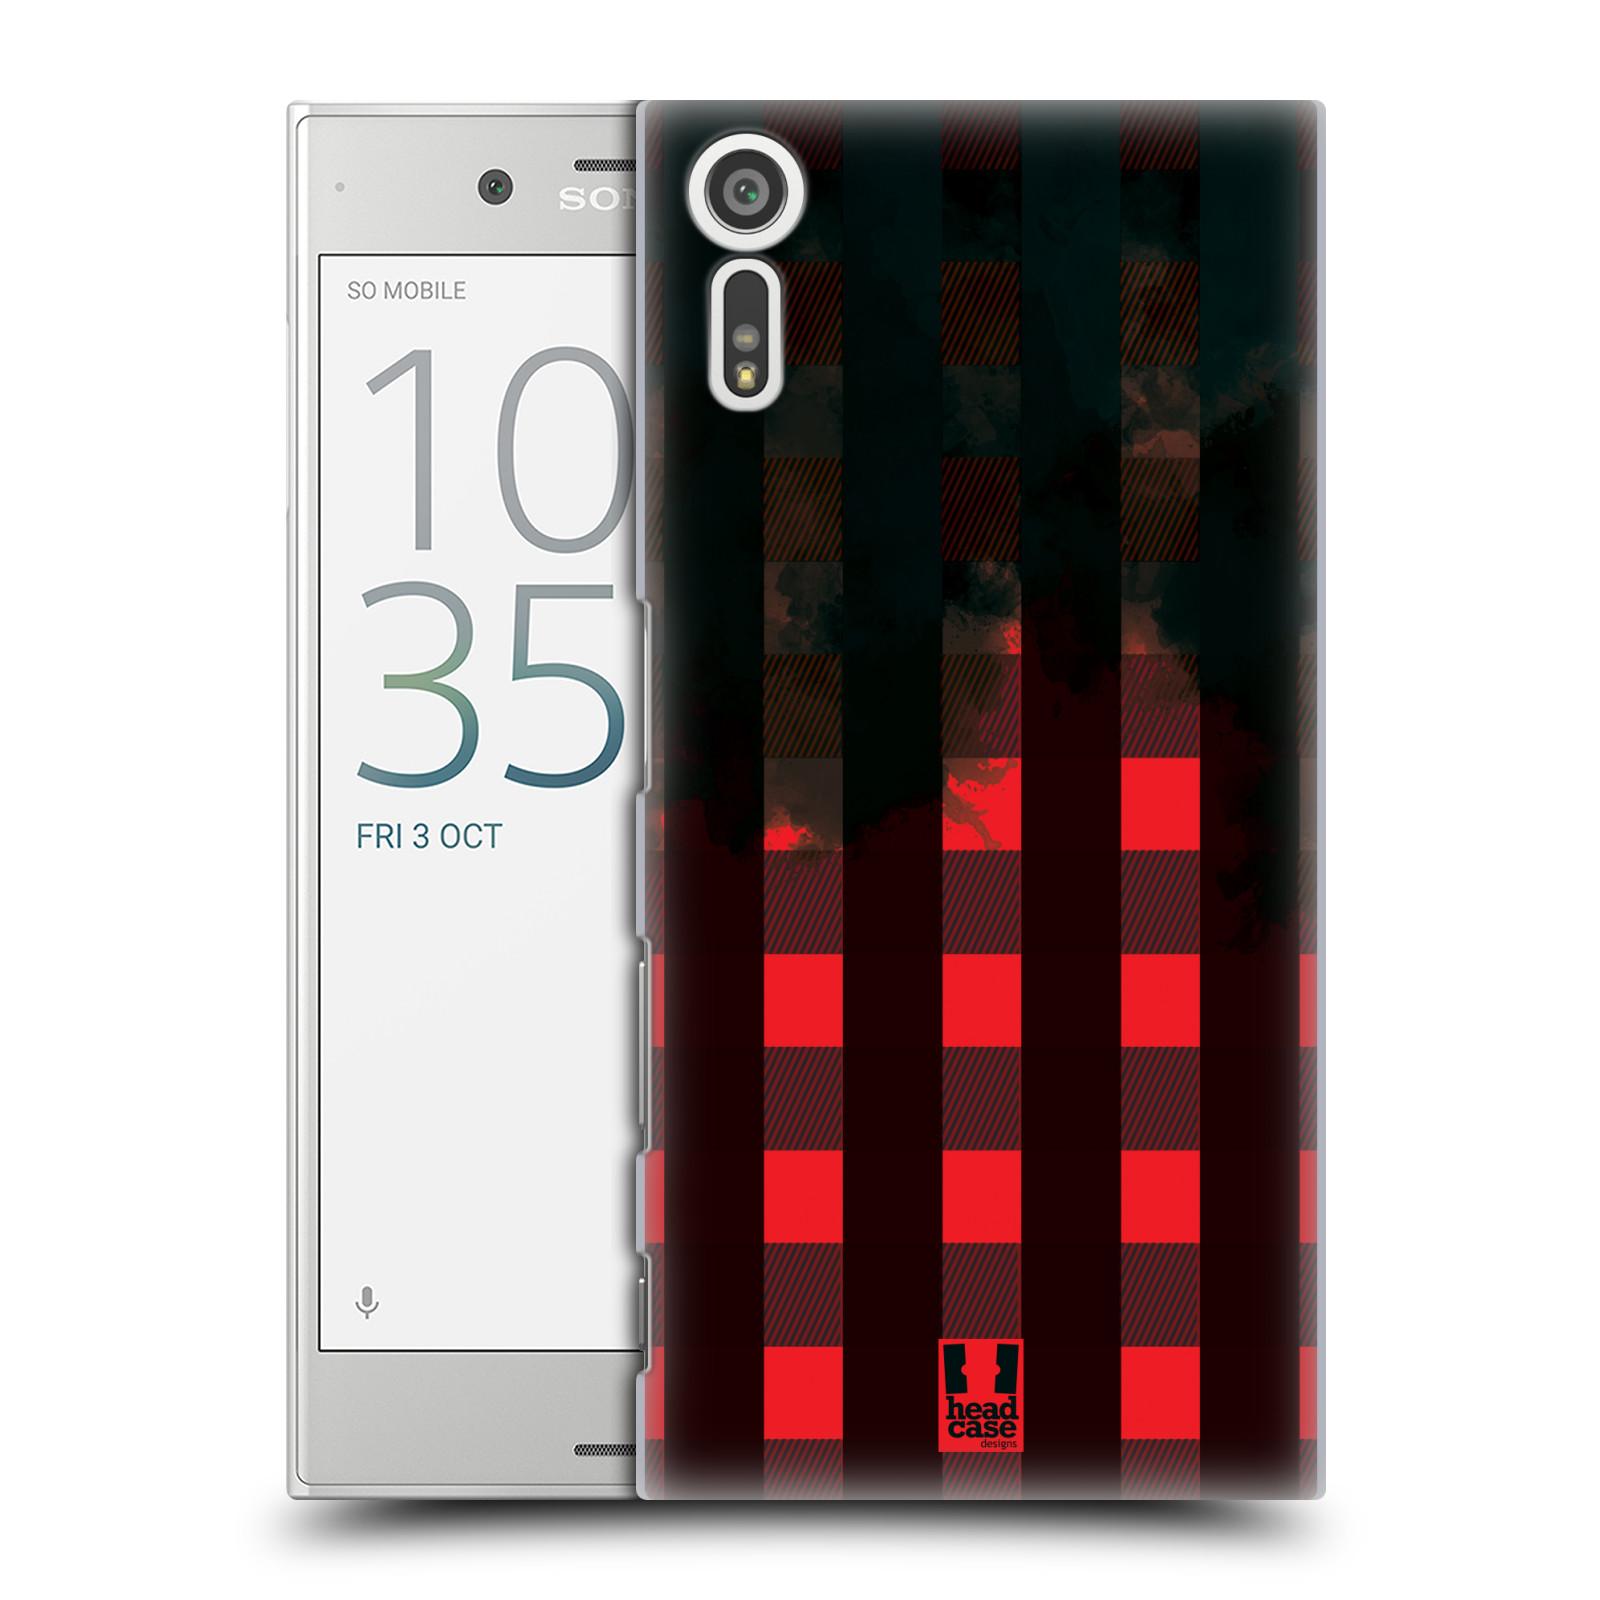 Plastové pouzdro na mobil Sony Xperia XZ - Head Case FLANEL RED BLACK (Plastový kryt či obal na mobilní telefon Sony Xperia XZ F8331 / Sony Xperia XZ Dual F8332)